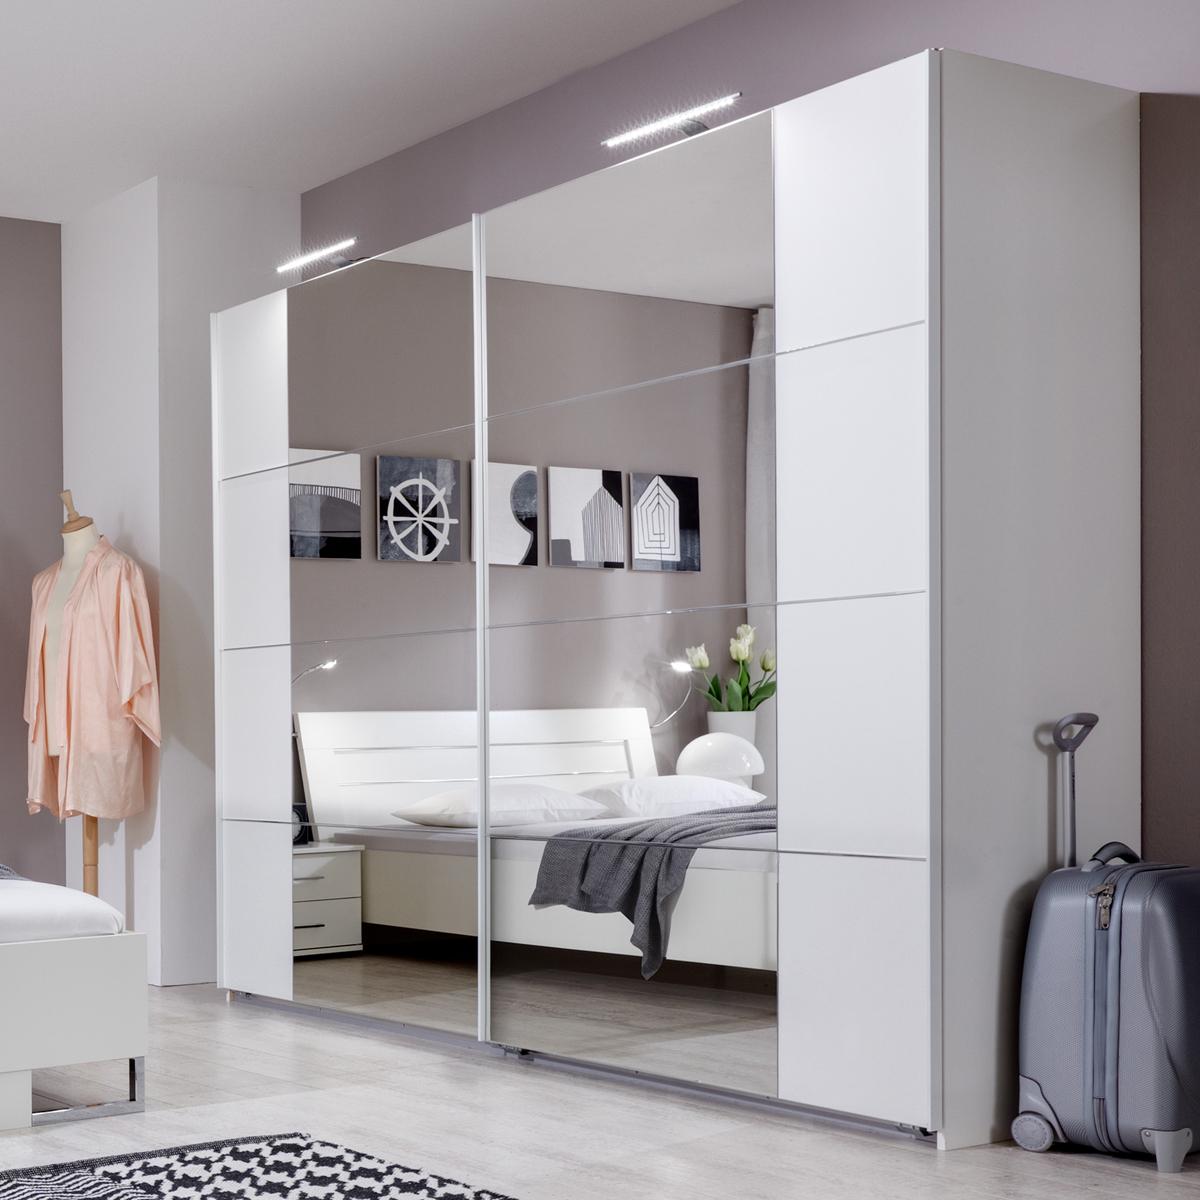 schwebet renschrank masu kleiderschrank in wei mit spiegel 225 cm. Black Bedroom Furniture Sets. Home Design Ideas